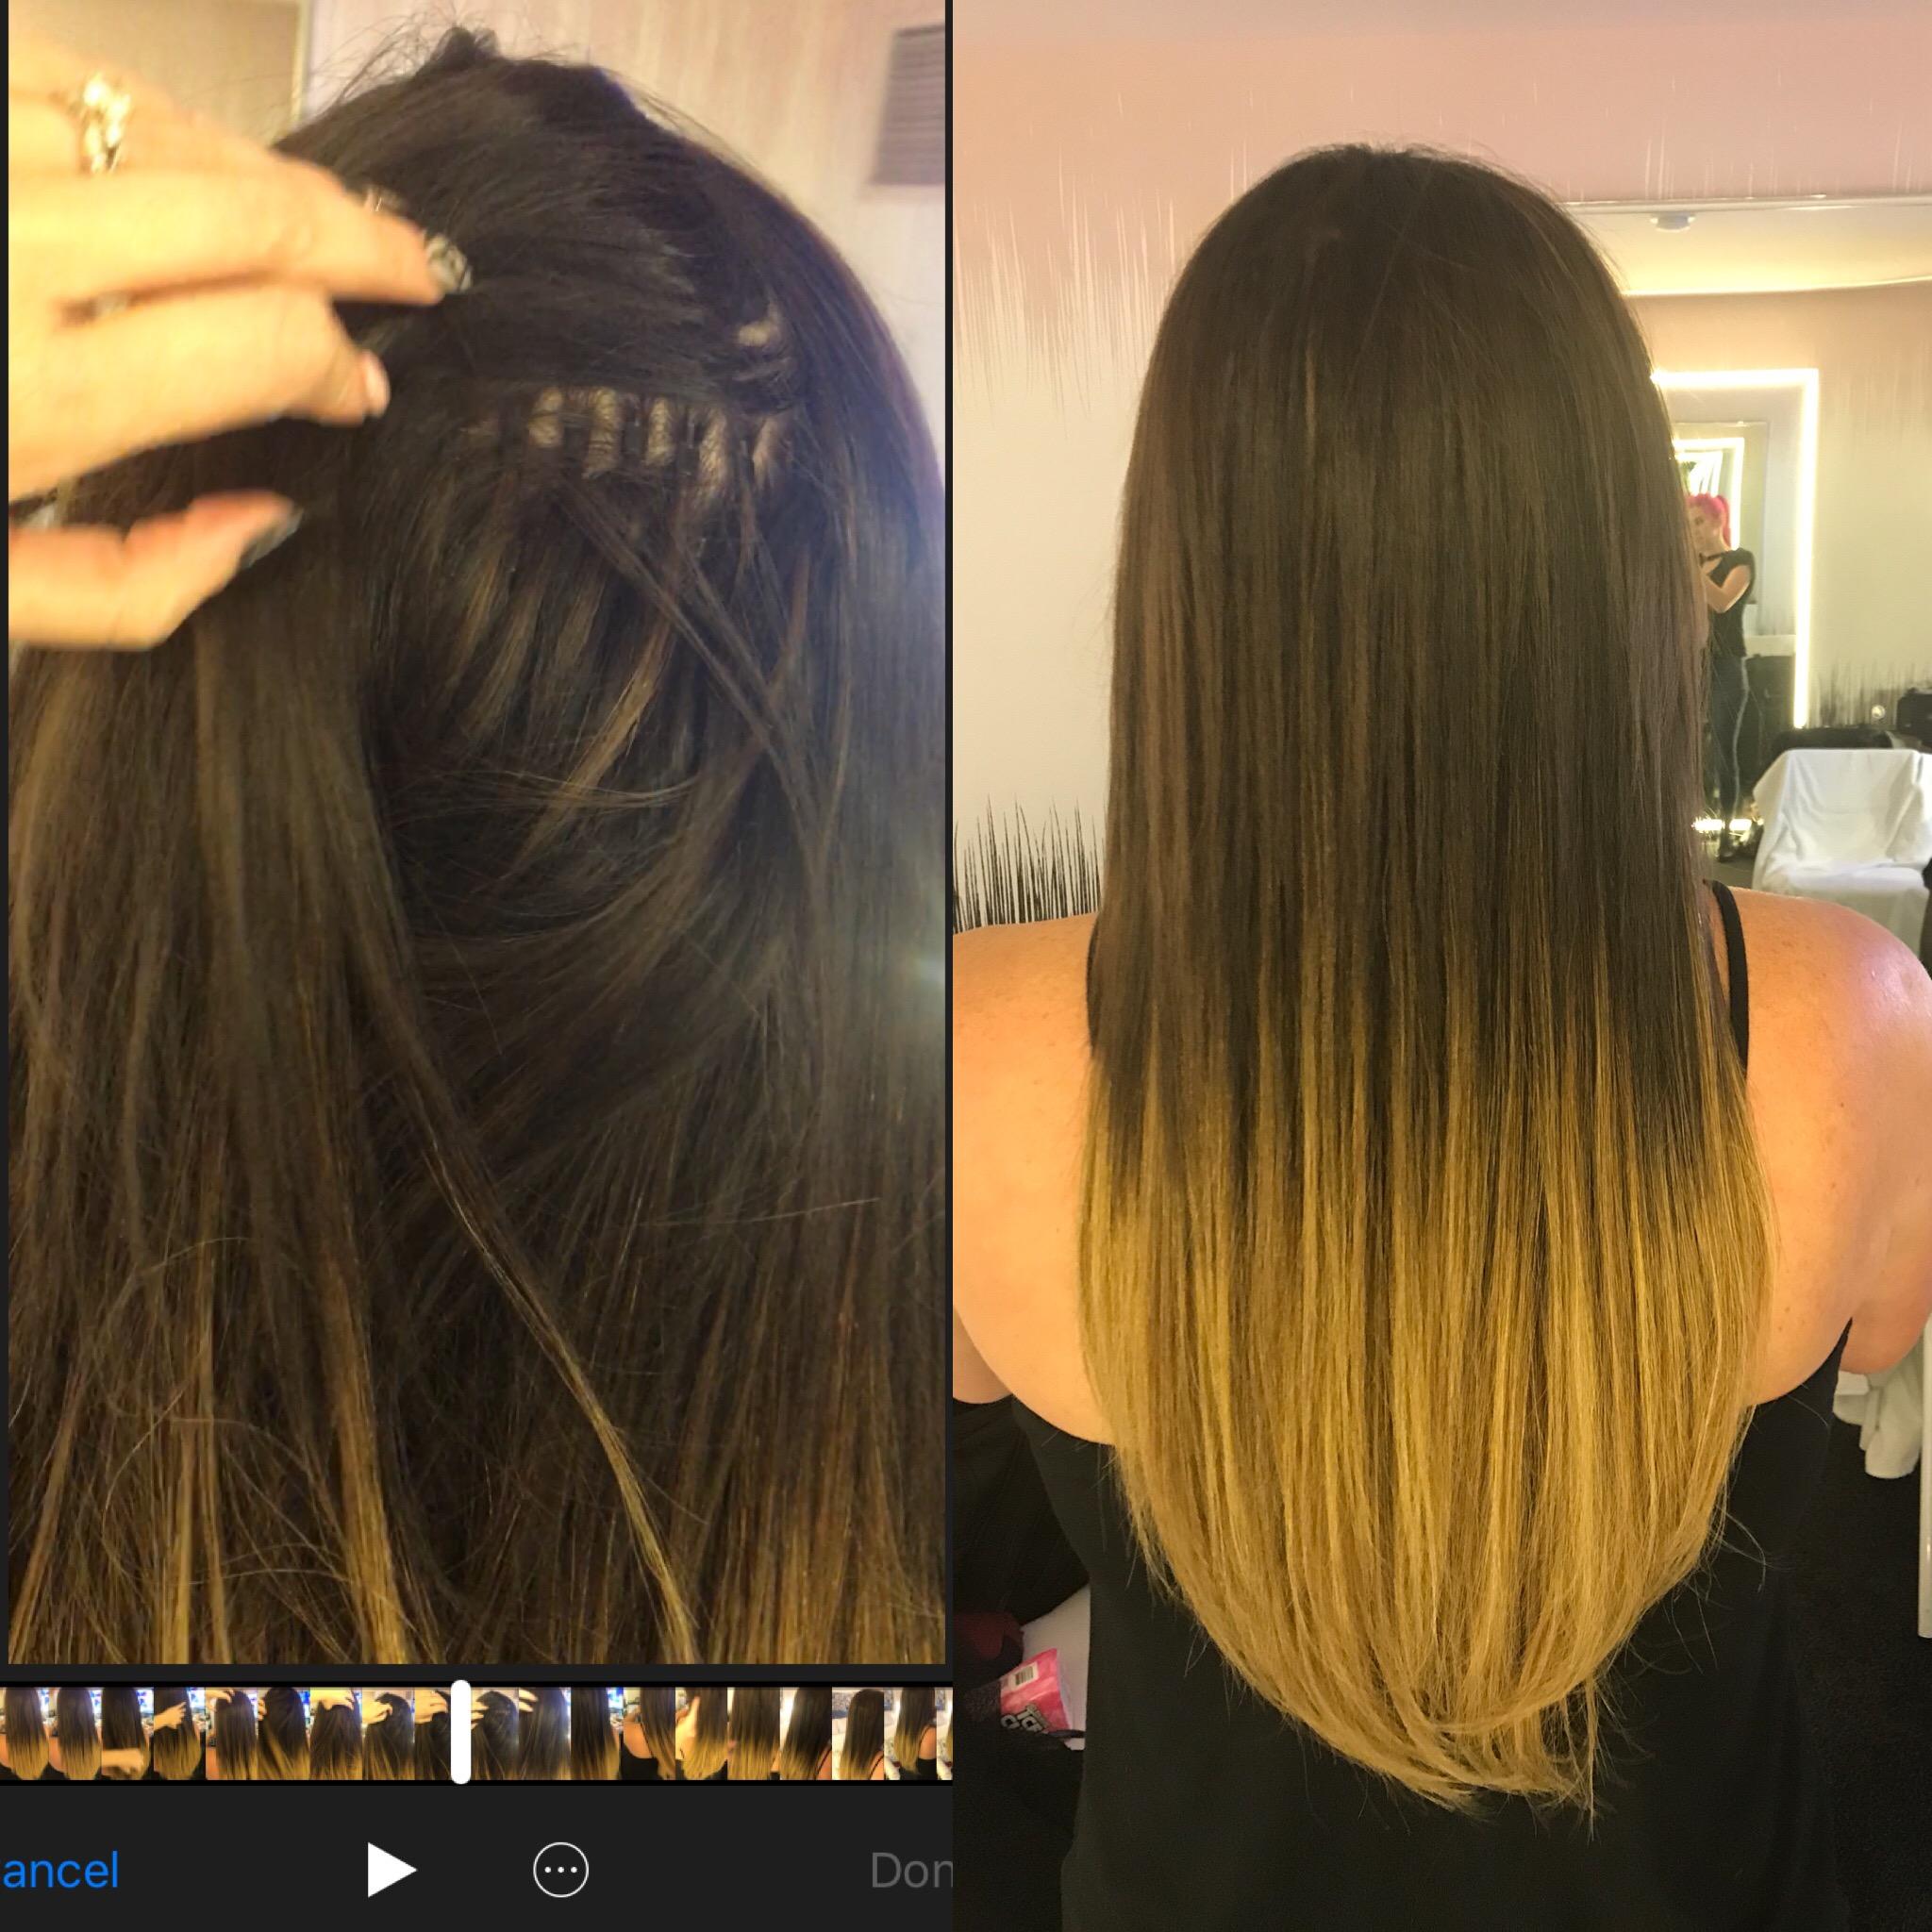 BALAYAGED BROWN TO BLONDE LAS VEGAS HAIR EXTENSIONS